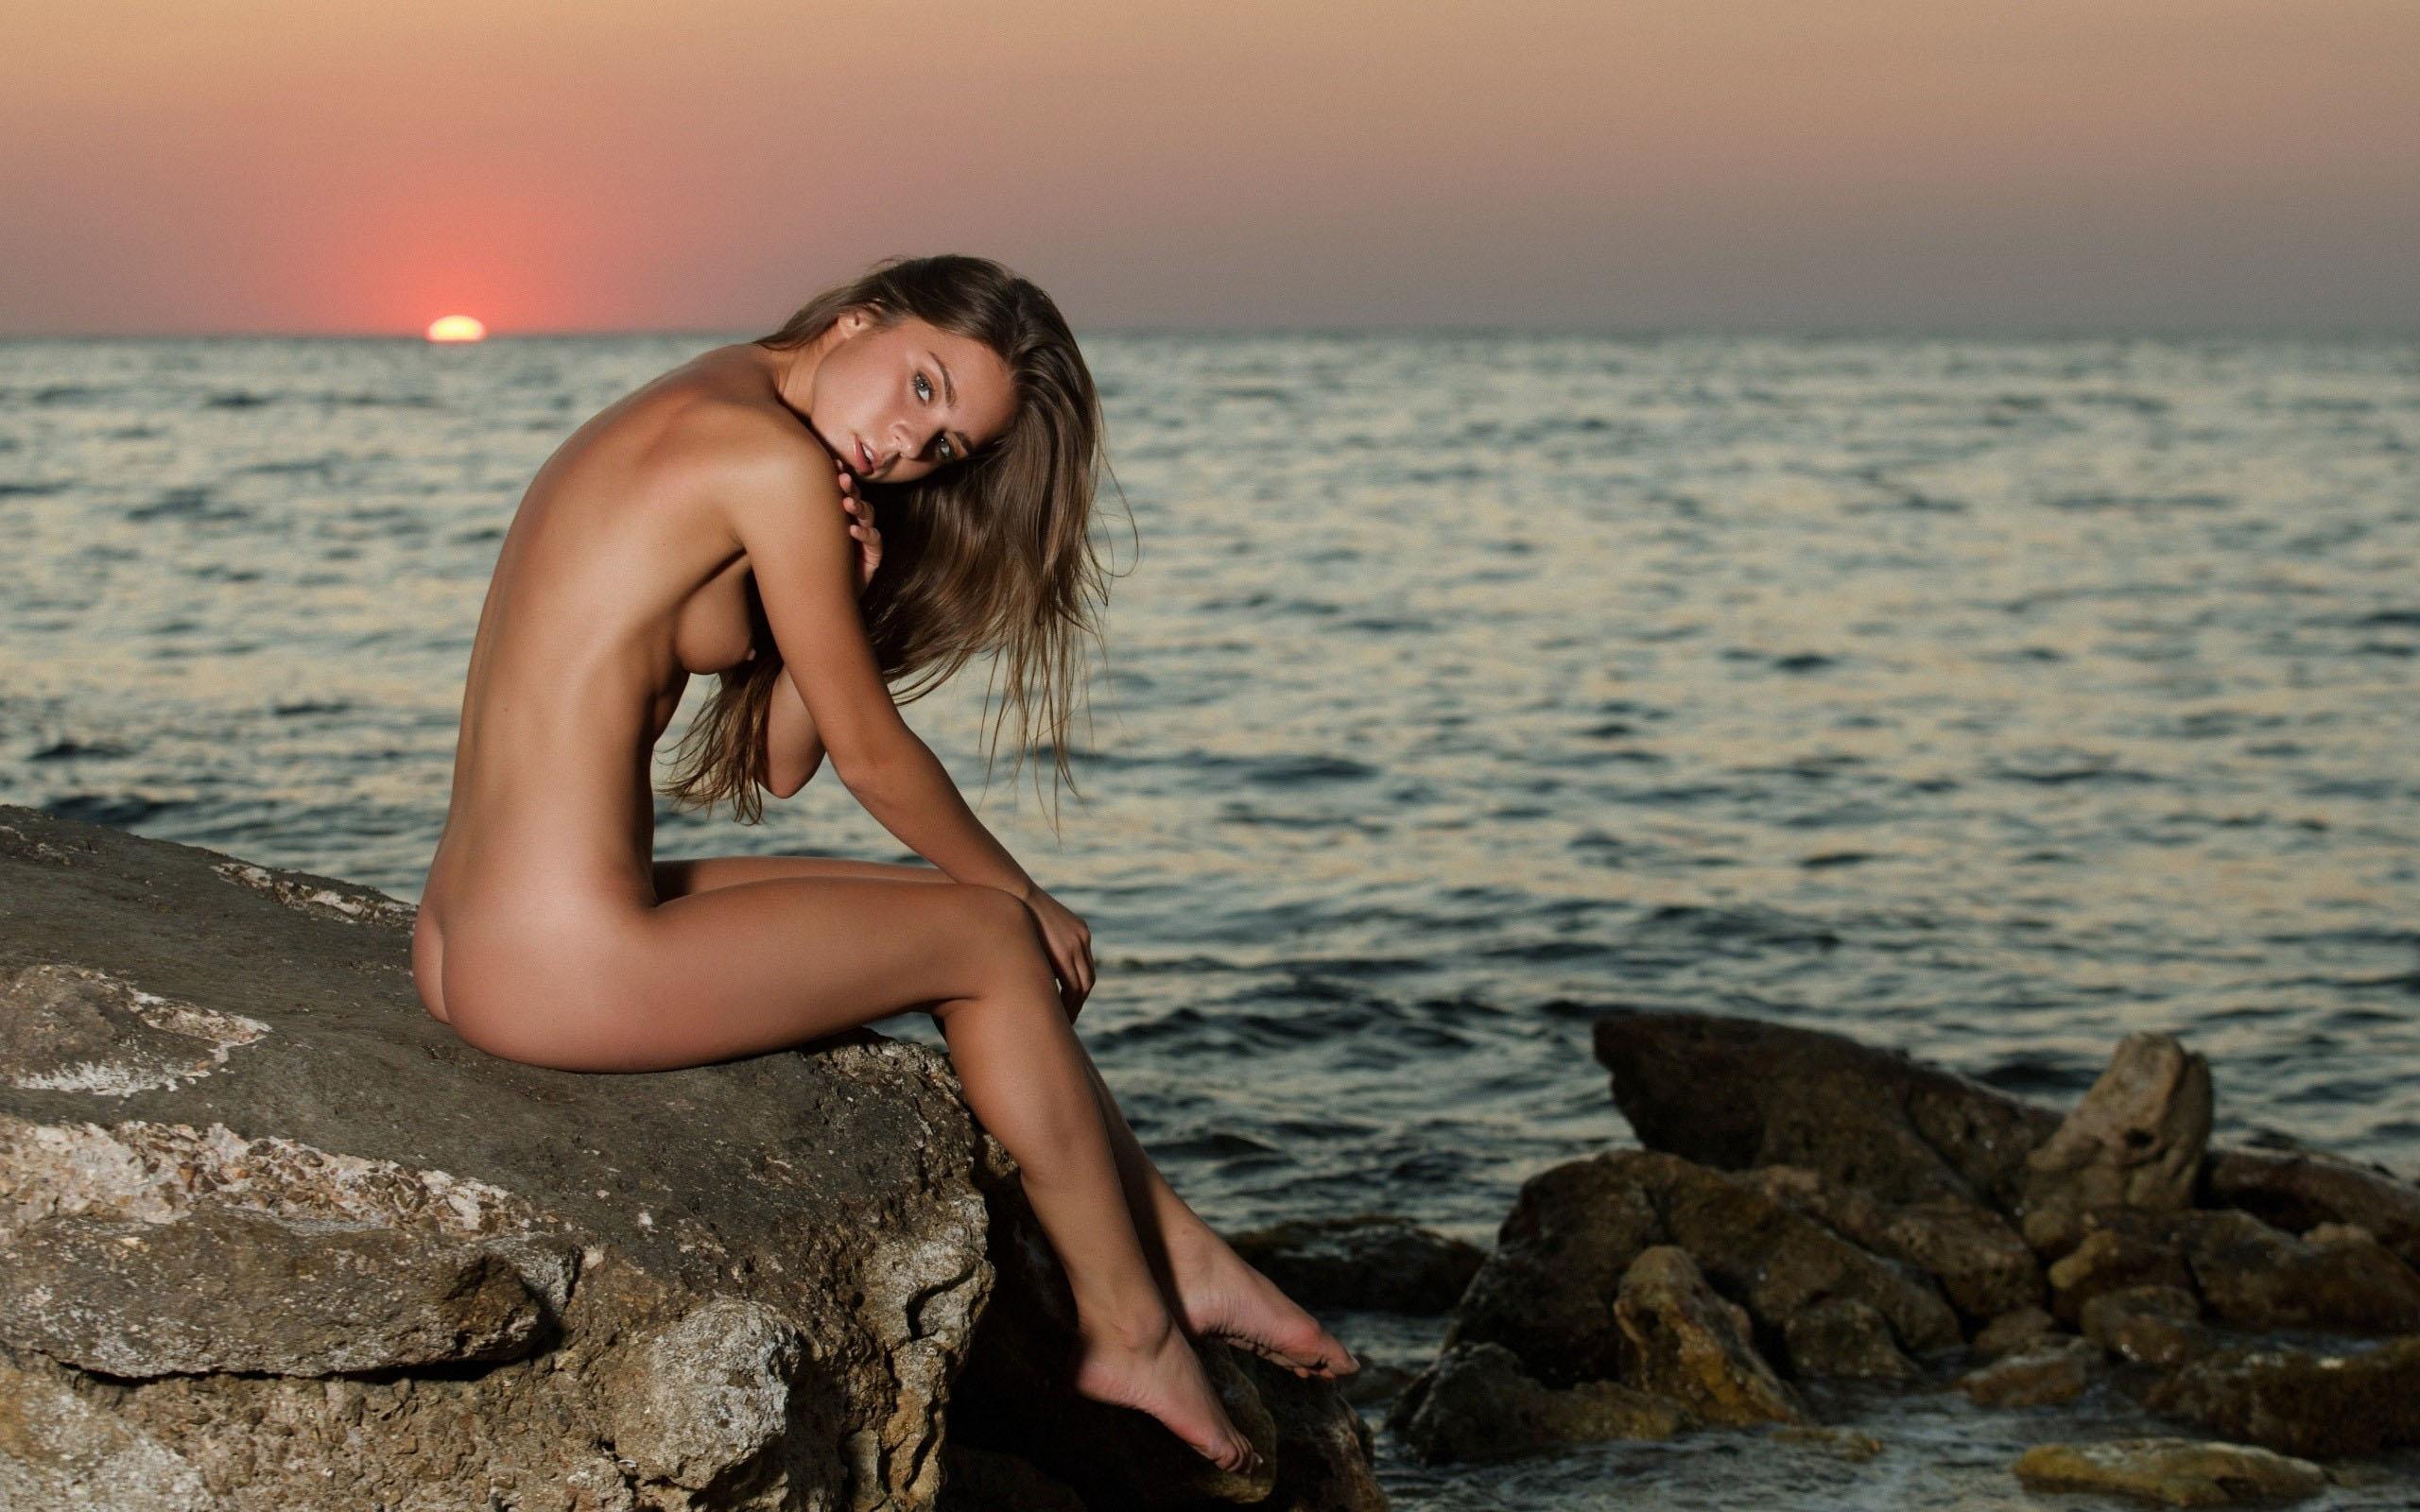 эротическое профессиональное фото на пляже беременная